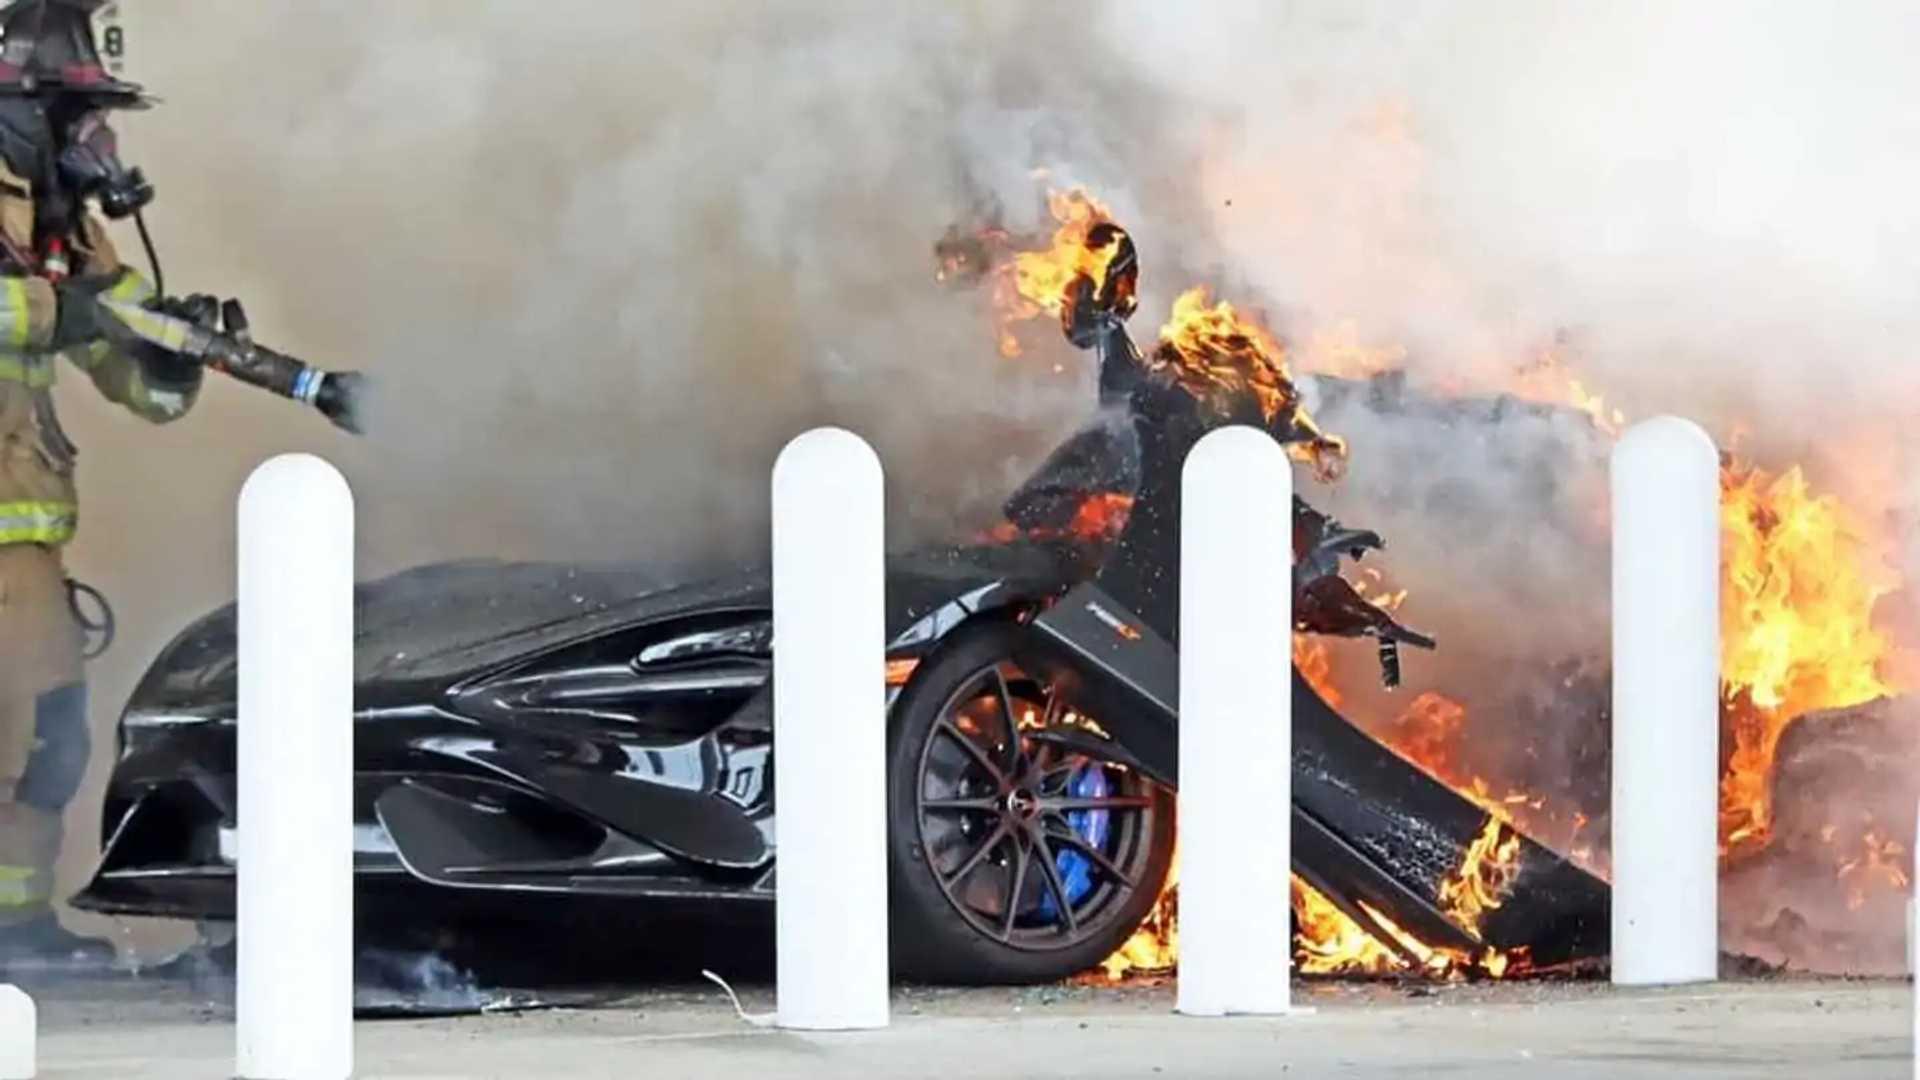 McLaren 765LT Pennsylvania Fire Flames And Firefighter